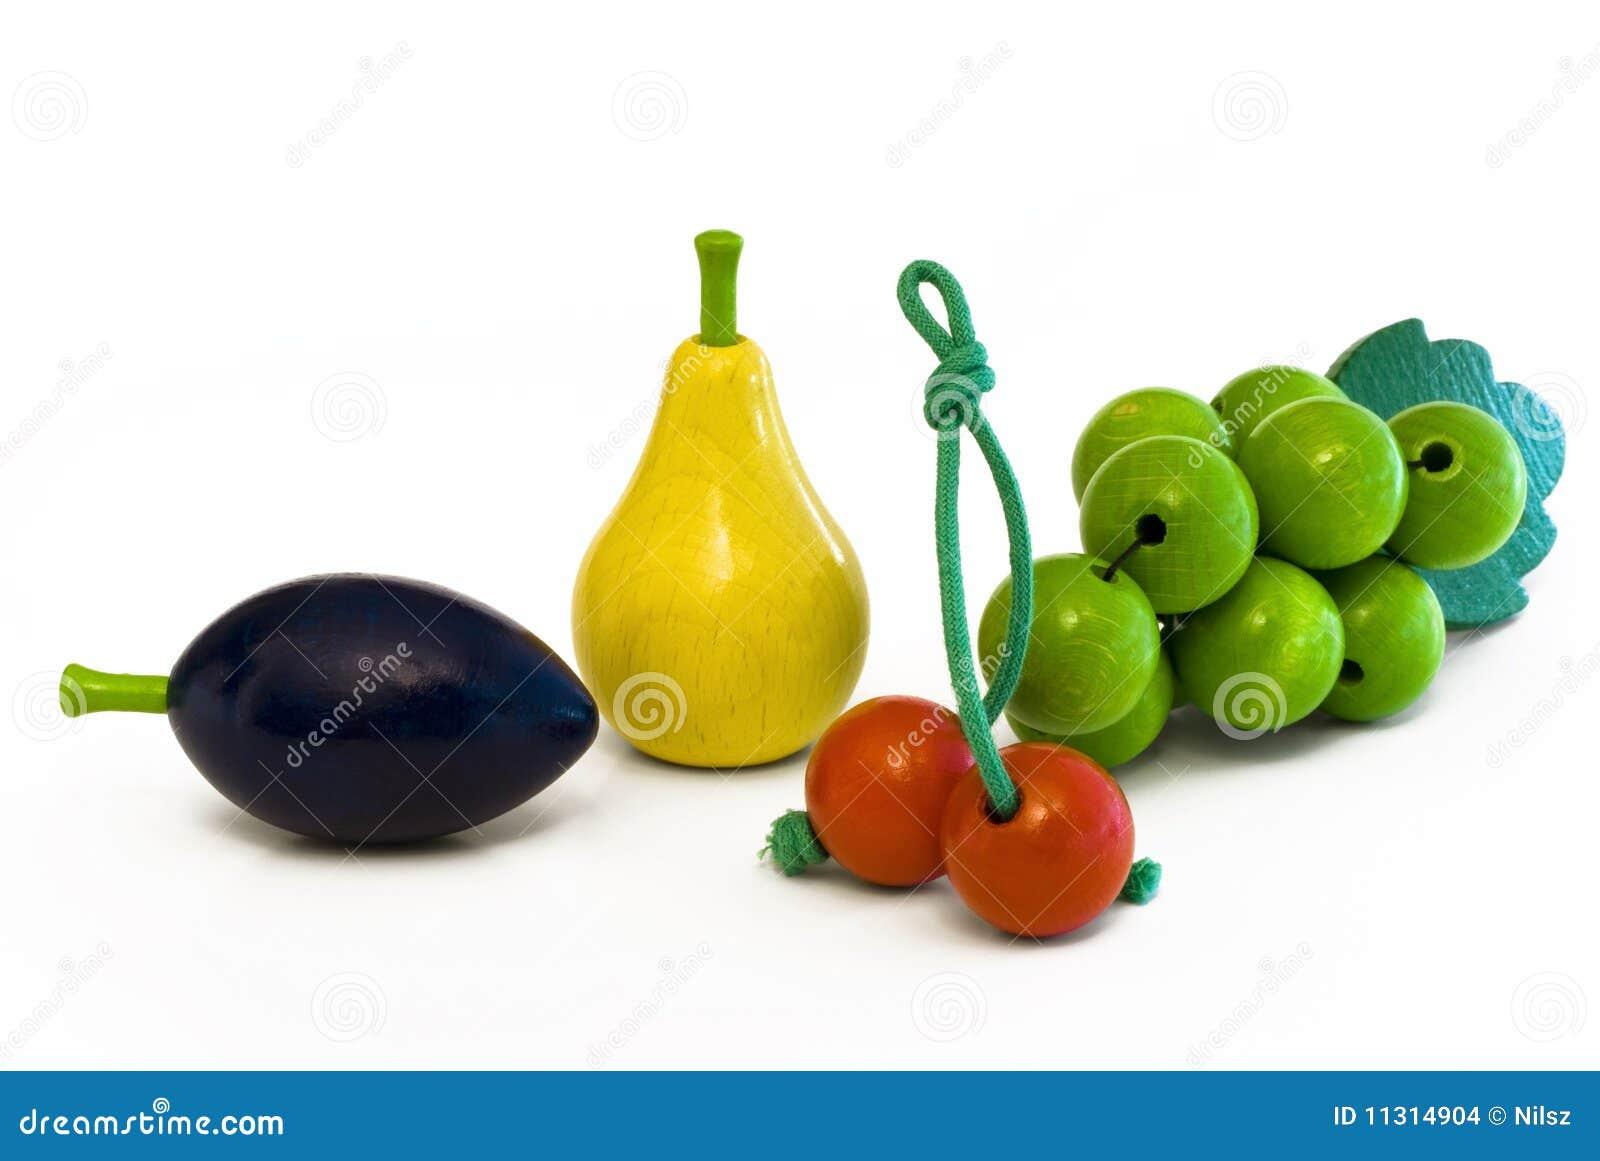 Hölzerne Früchte Pflaume, Birne, Kirsche, Trauben